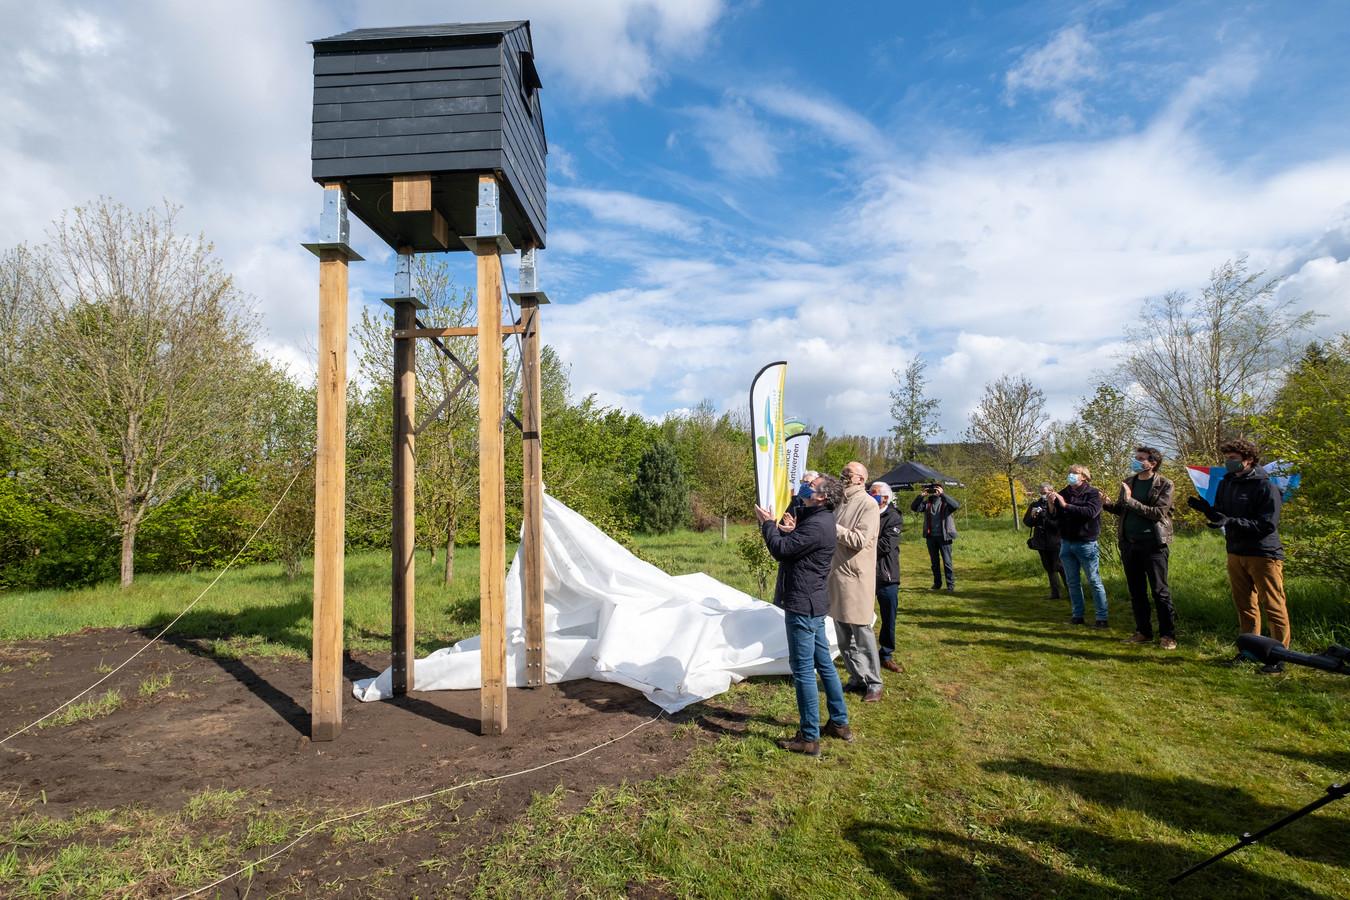 PUURS In het kader van het vleermuizenproject van Regionaal Landschap Schelde-Durme plaatst de provincie Antwerpen een vleermuizentoren in het Arboretum van Puurs-Sint-Amands